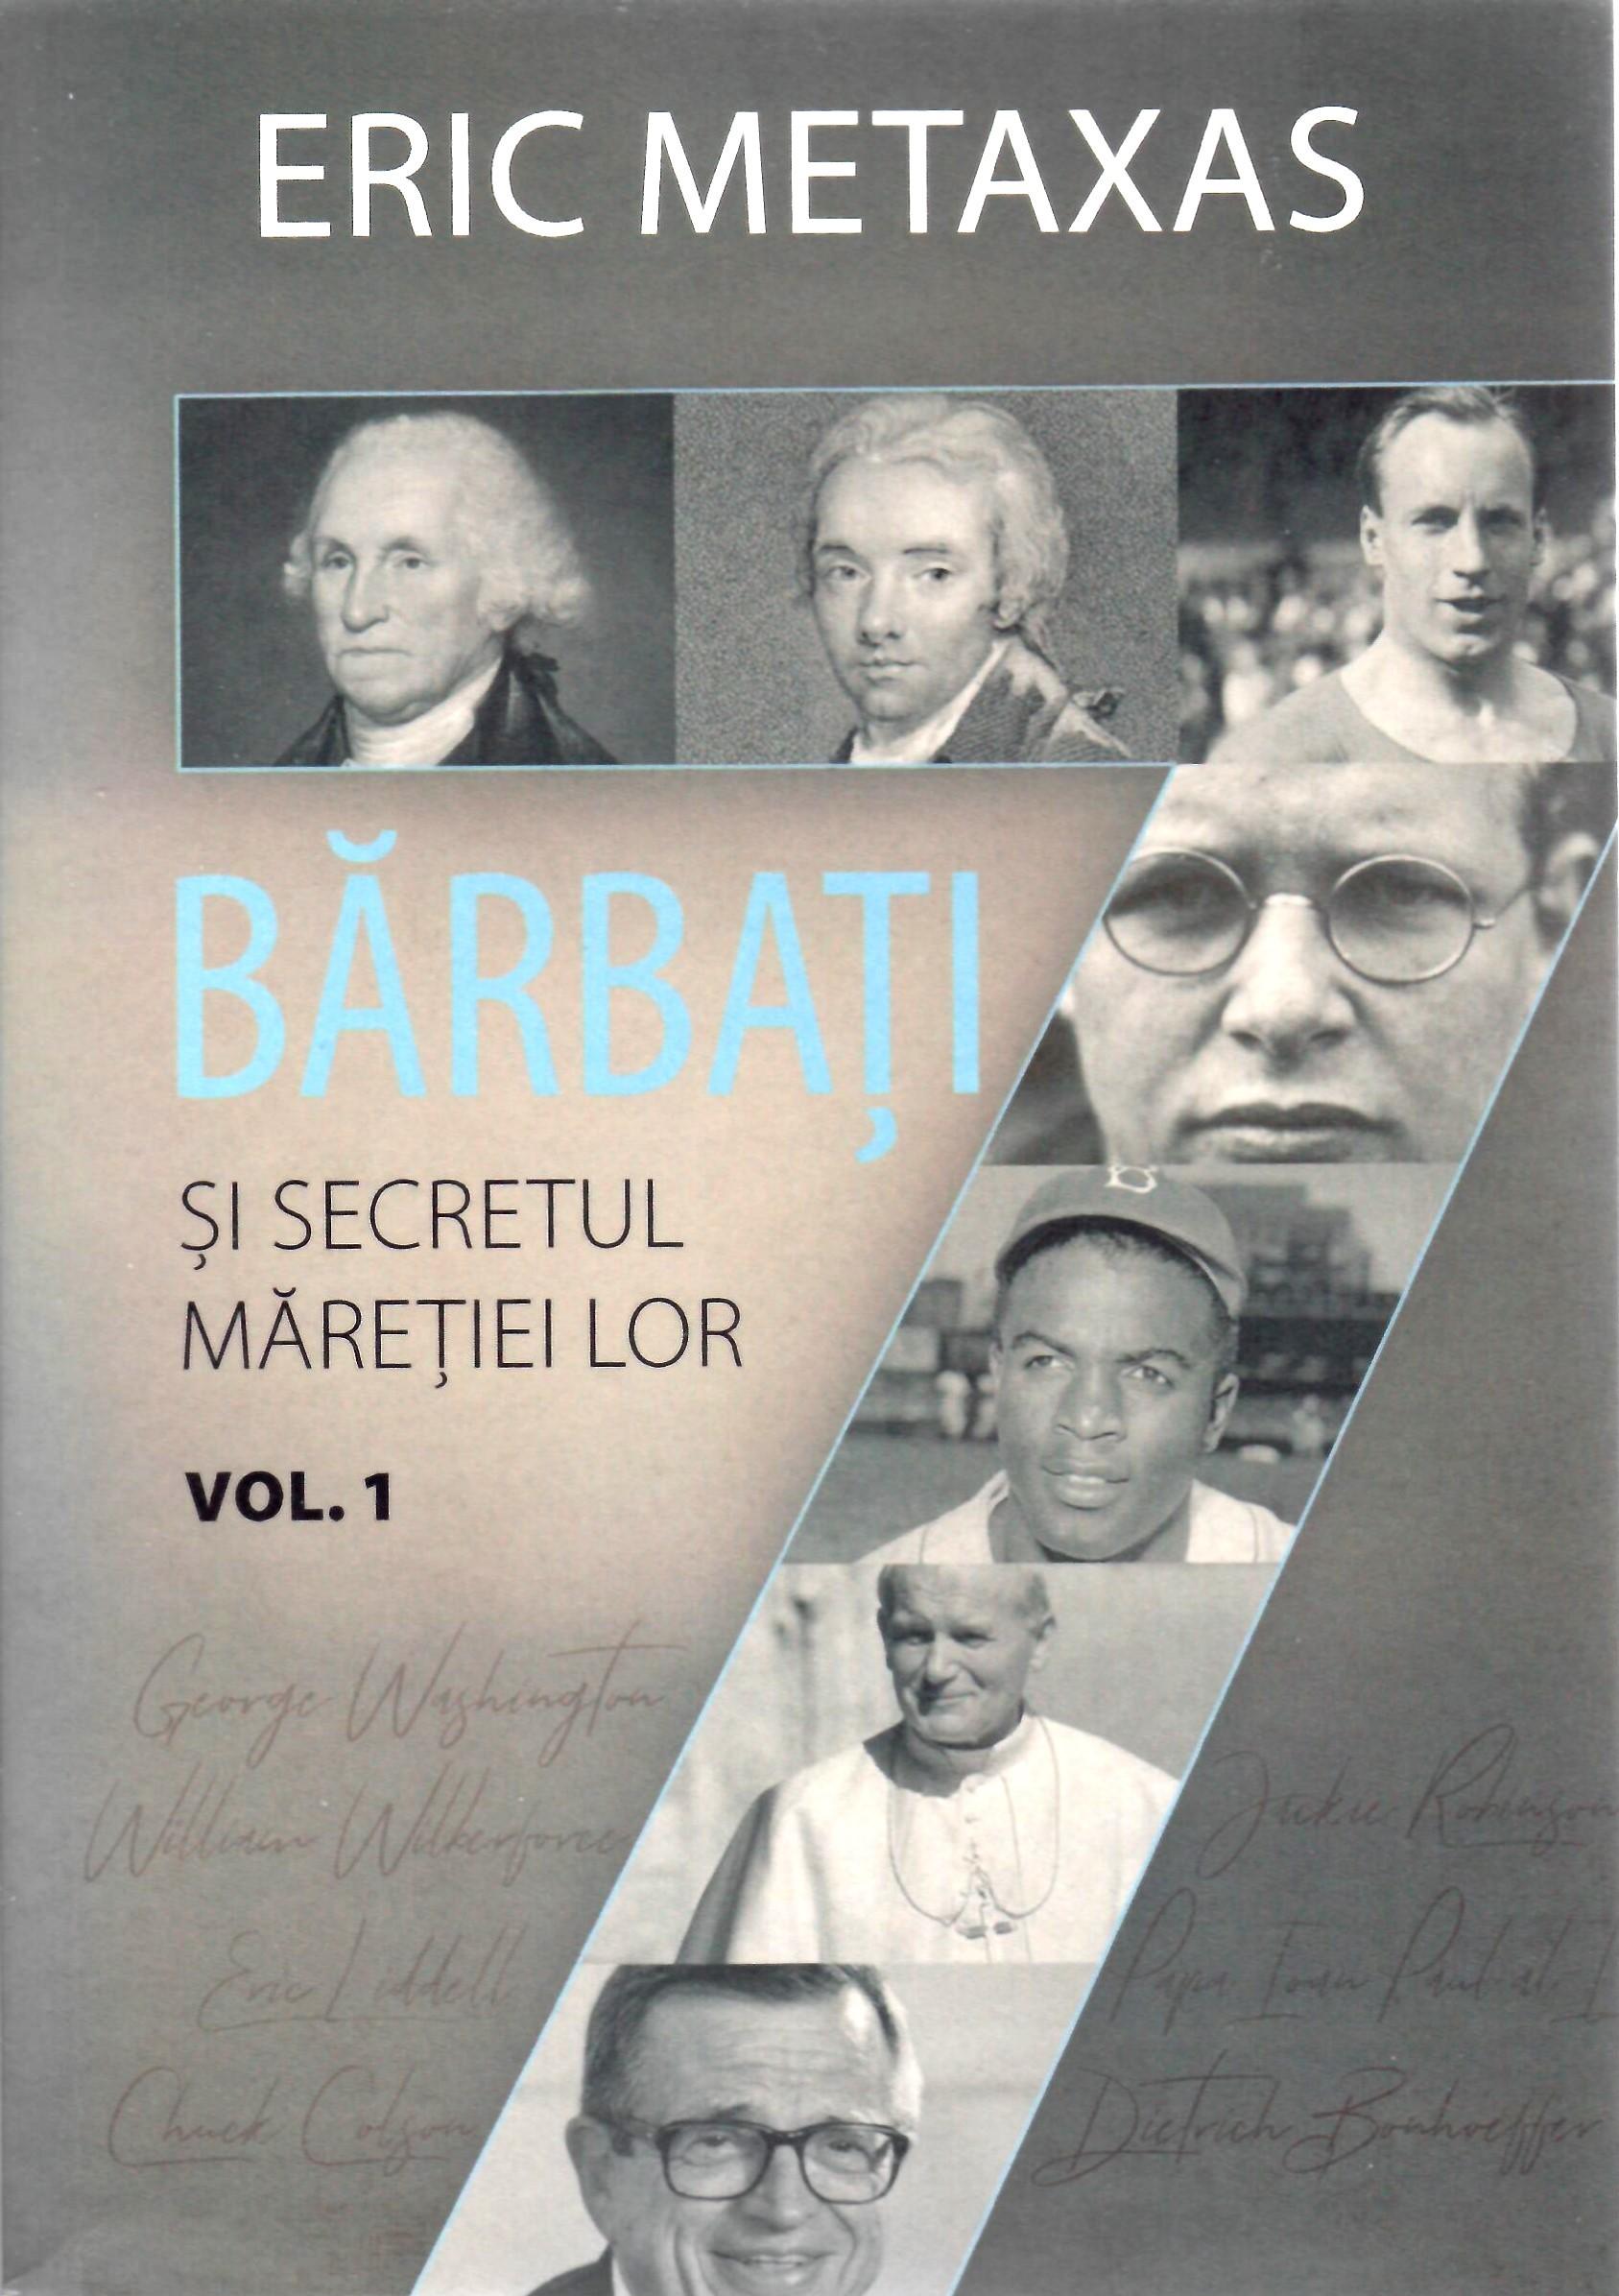 7 bărbați  și secretul măreției lor, vol 1